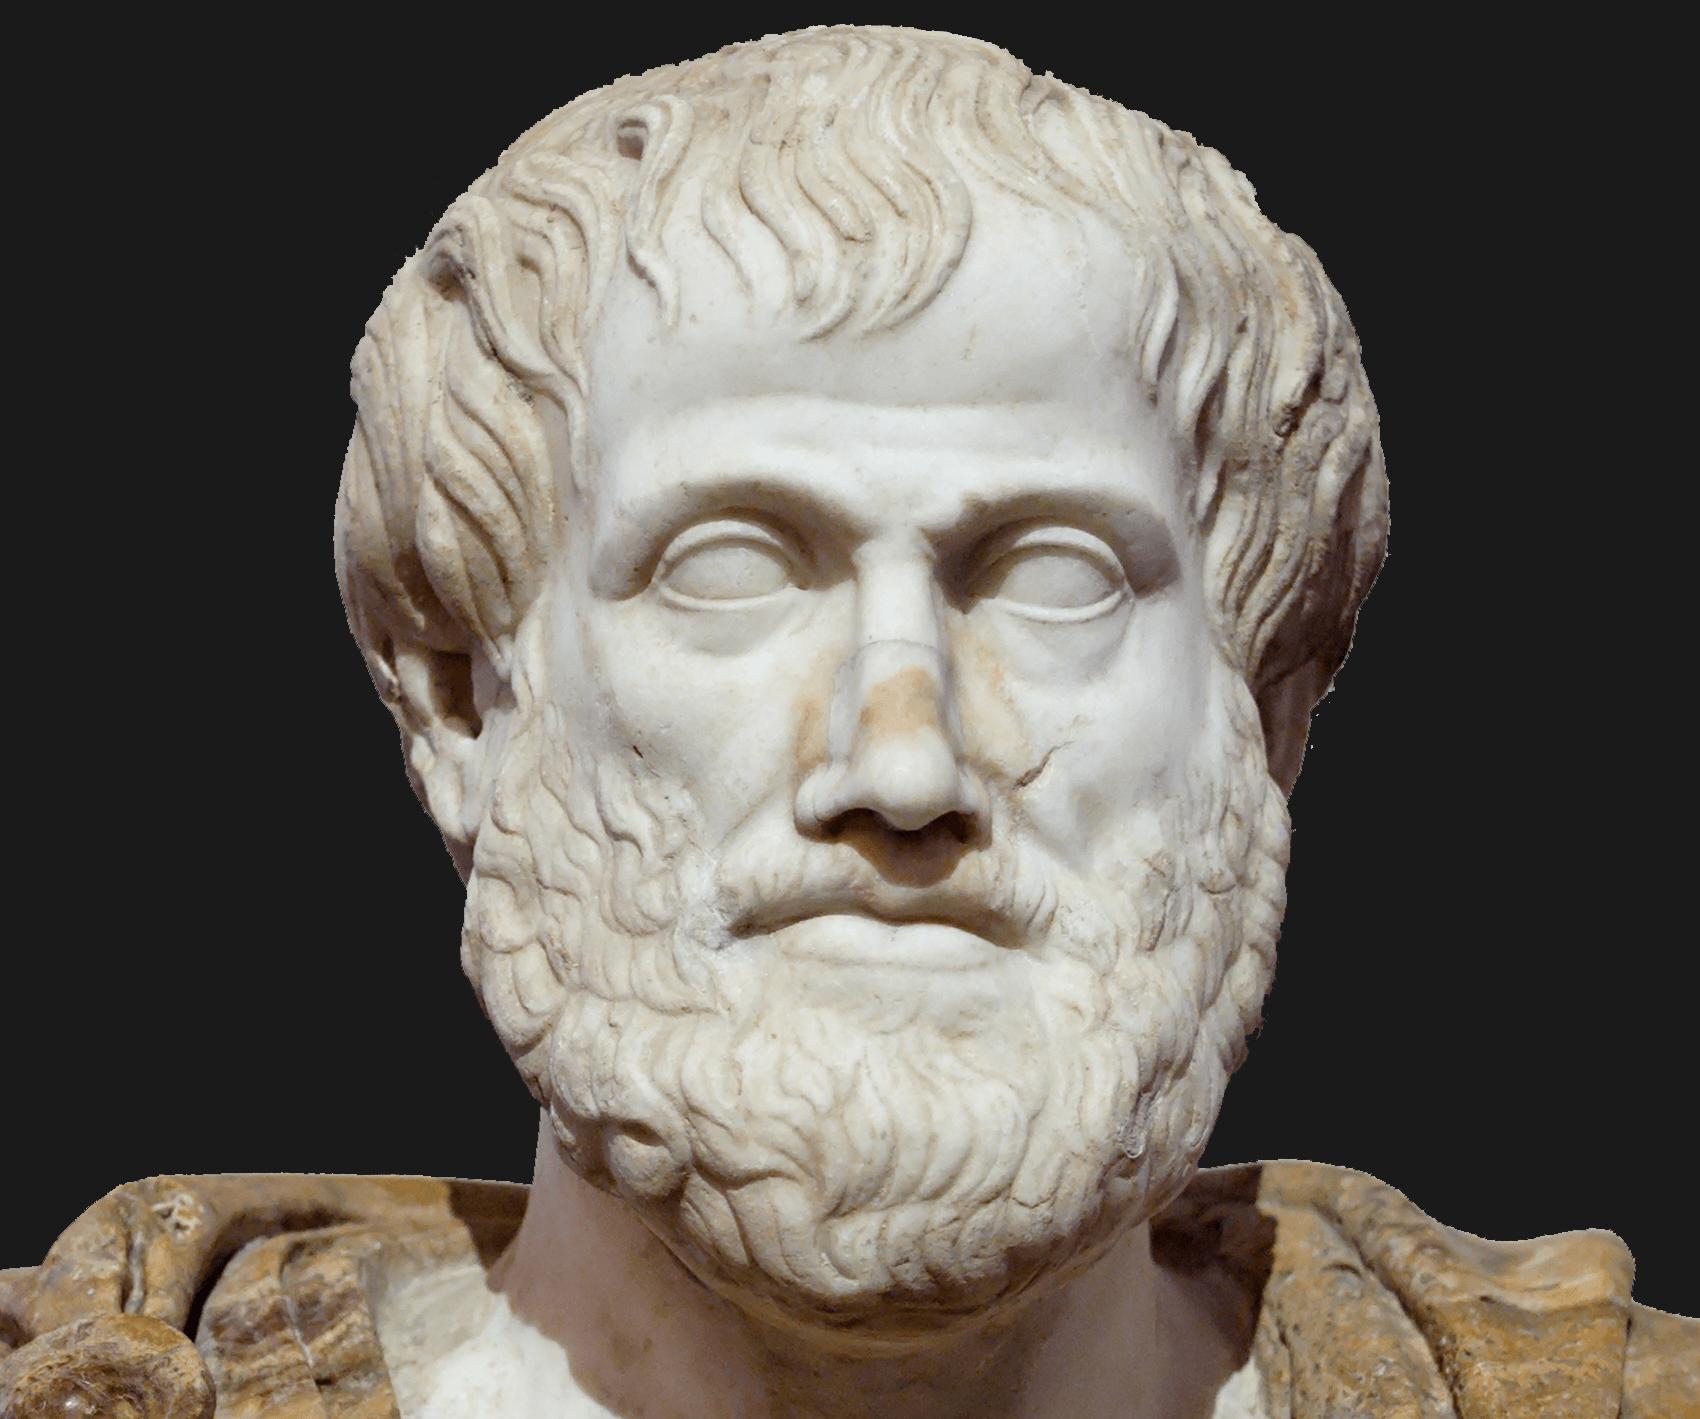 """אריסטו, פרוטומה משיש, העתק רומי של יצירה מאת ליסיפּוֹס מסביבות 330 לפנה""""ס"""